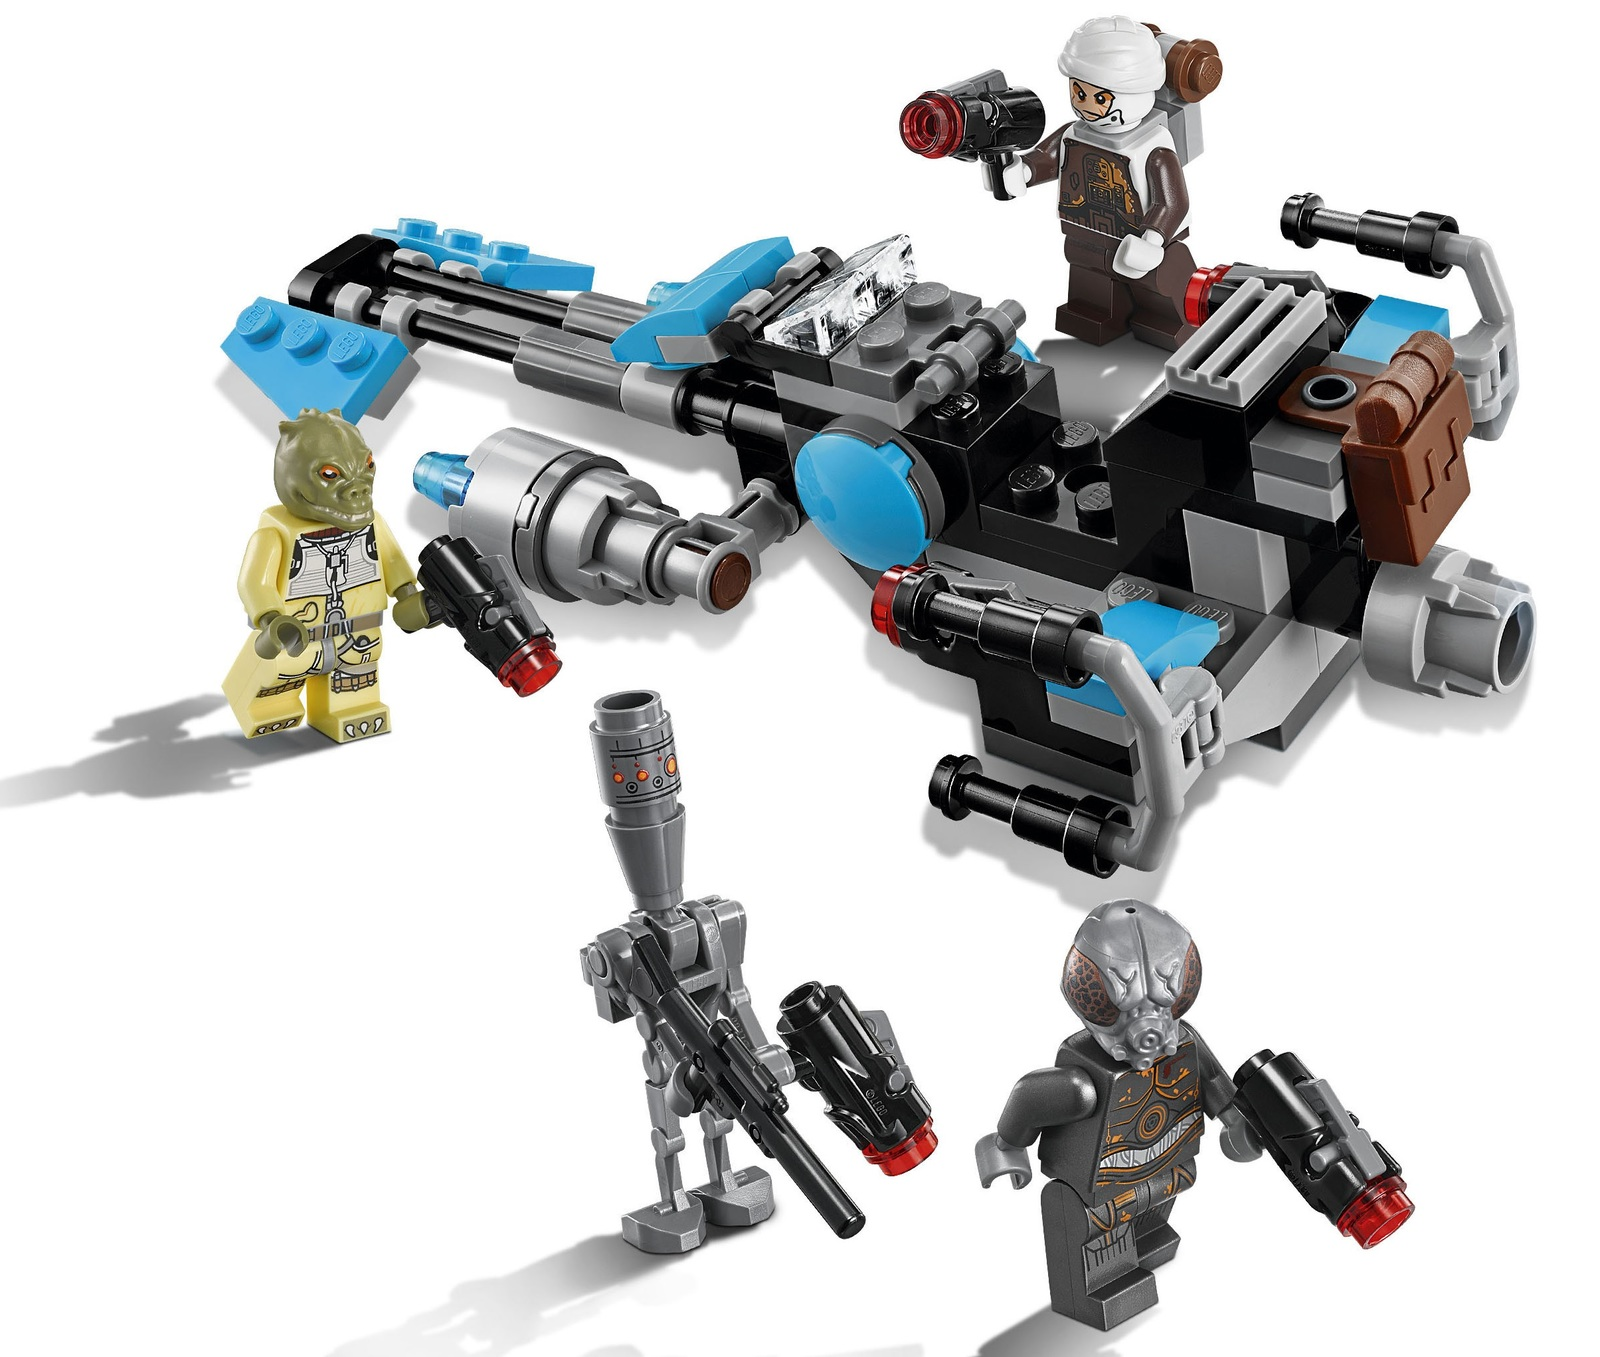 Lego Star Wars Battles 0 30 Apk: LEGO Star Wars: Bounty Hunter Speeder Bike Battle Pack